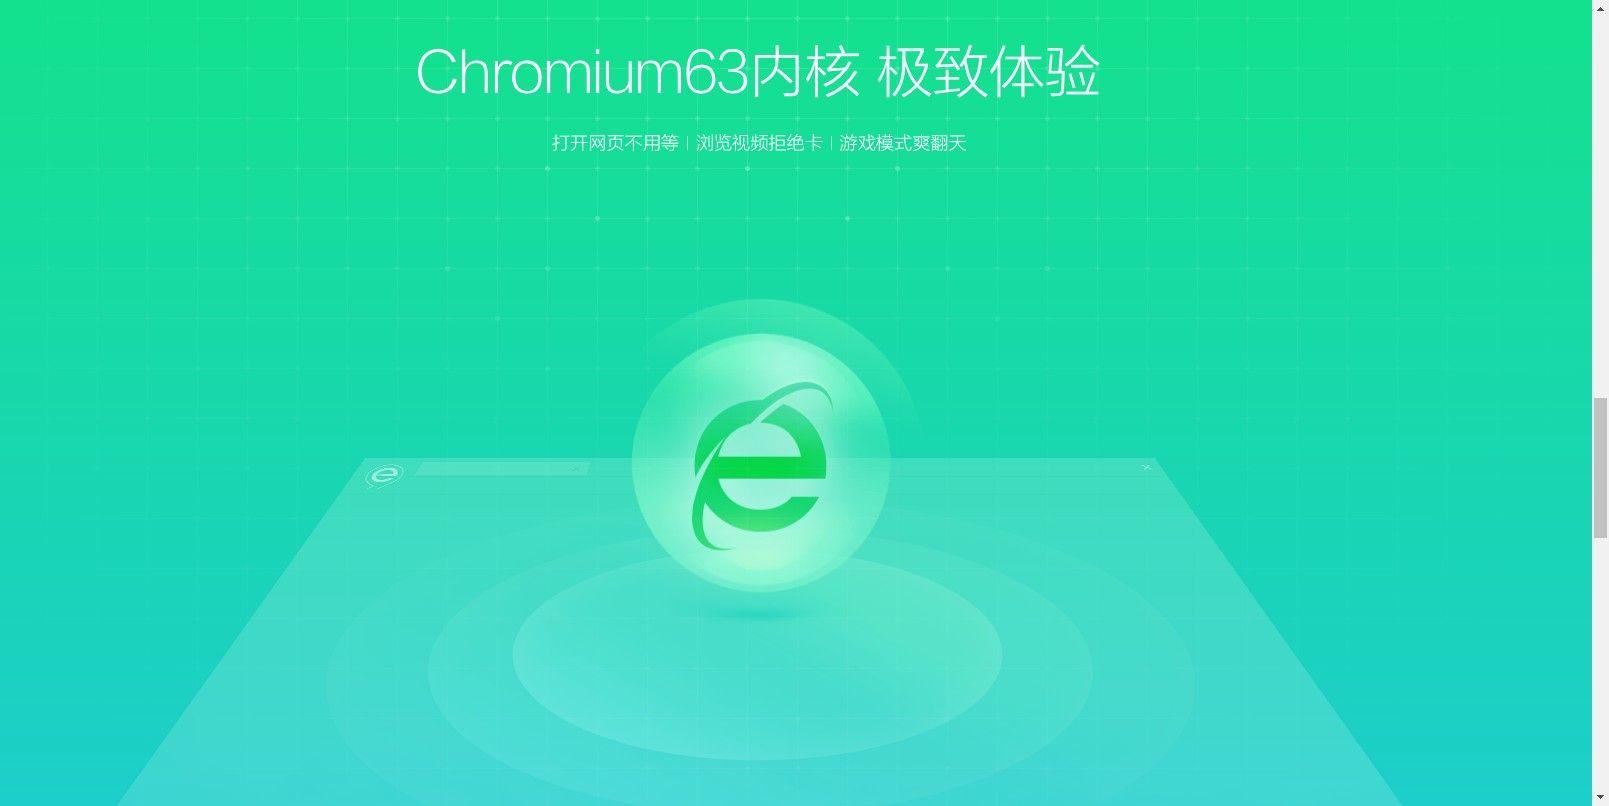 360浏览器10.0官方版图1